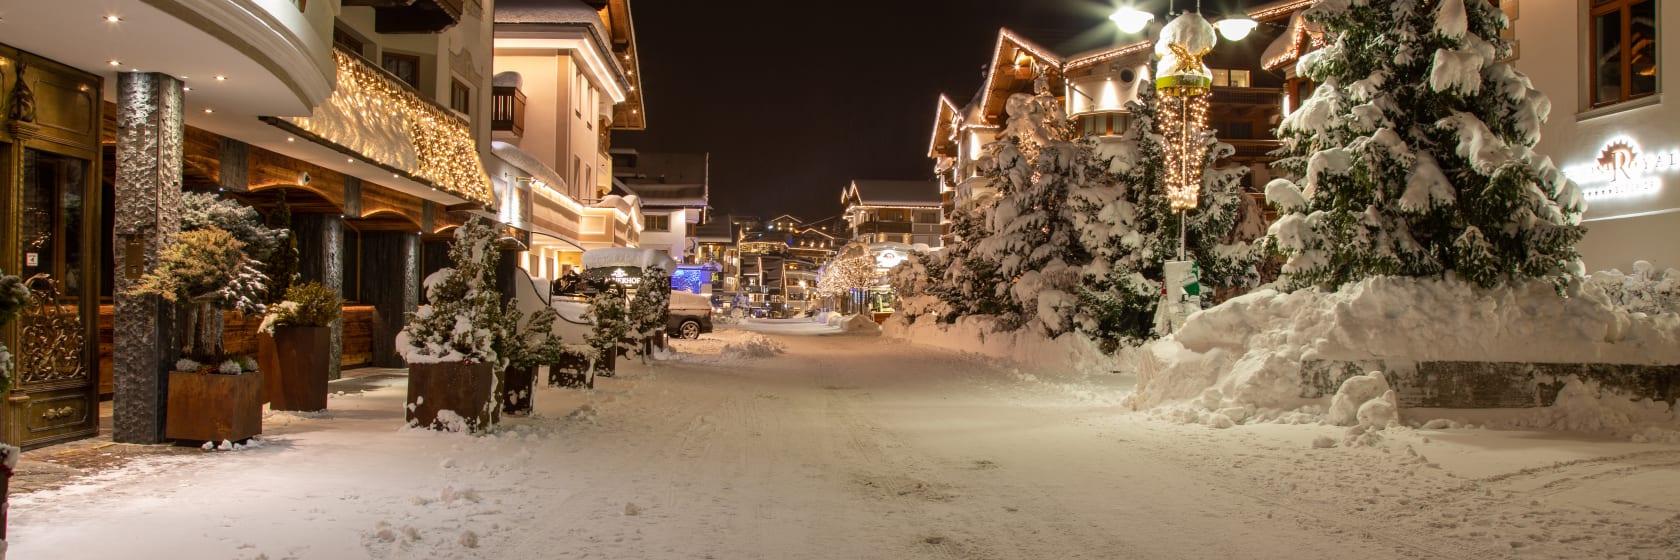 Hoteller på gade med sne aftenen i Østrig